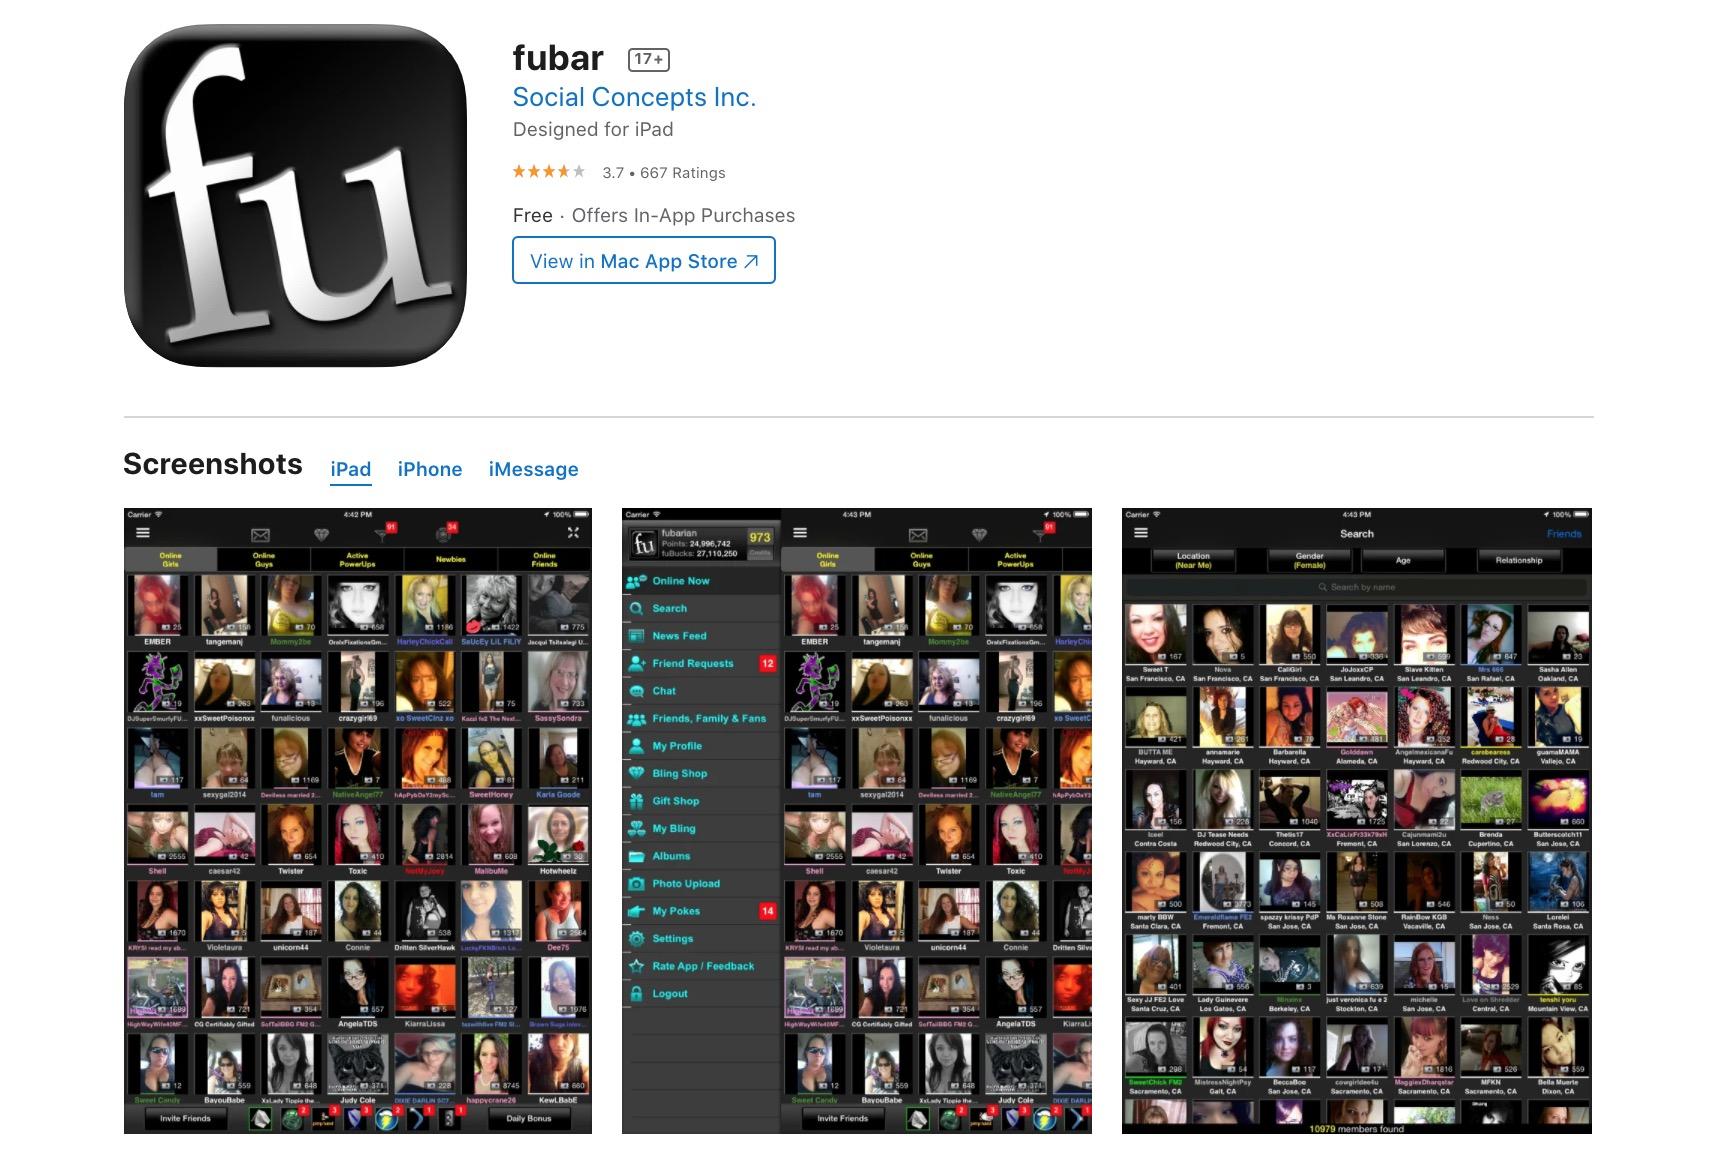 fubar app